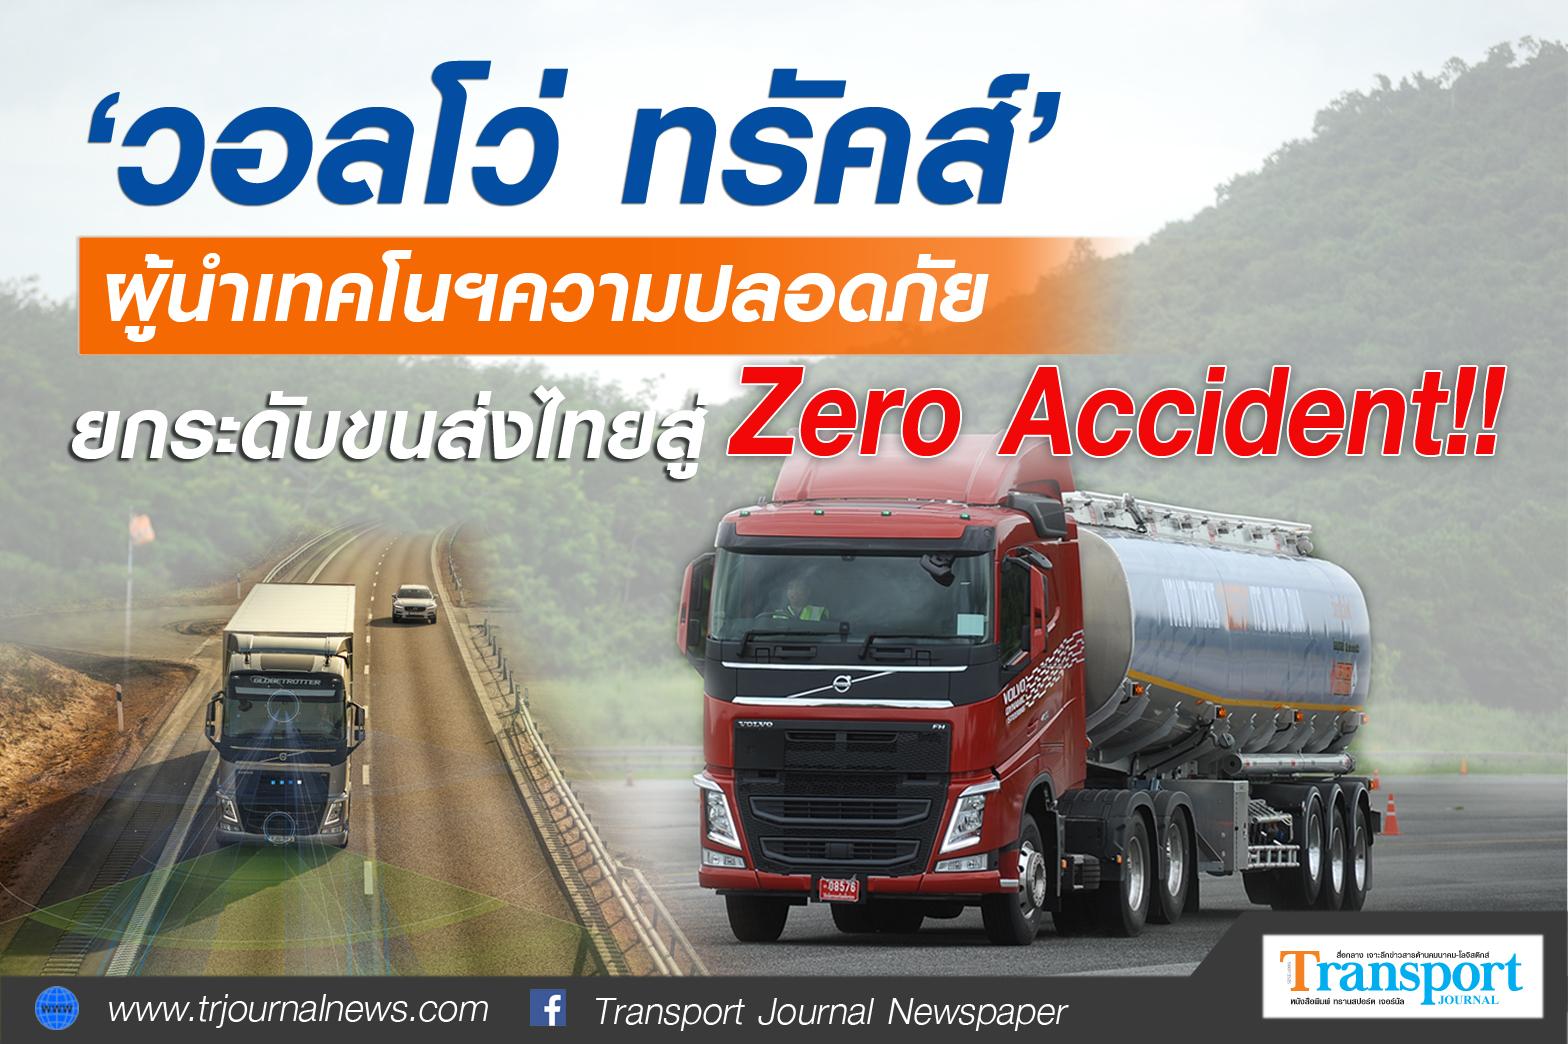 'วอลโว่ ทรัคส์'ผู้นำเทคโนฯความปลอดภัย ยกระดับขนส่งไทยสู่ zero accident!!